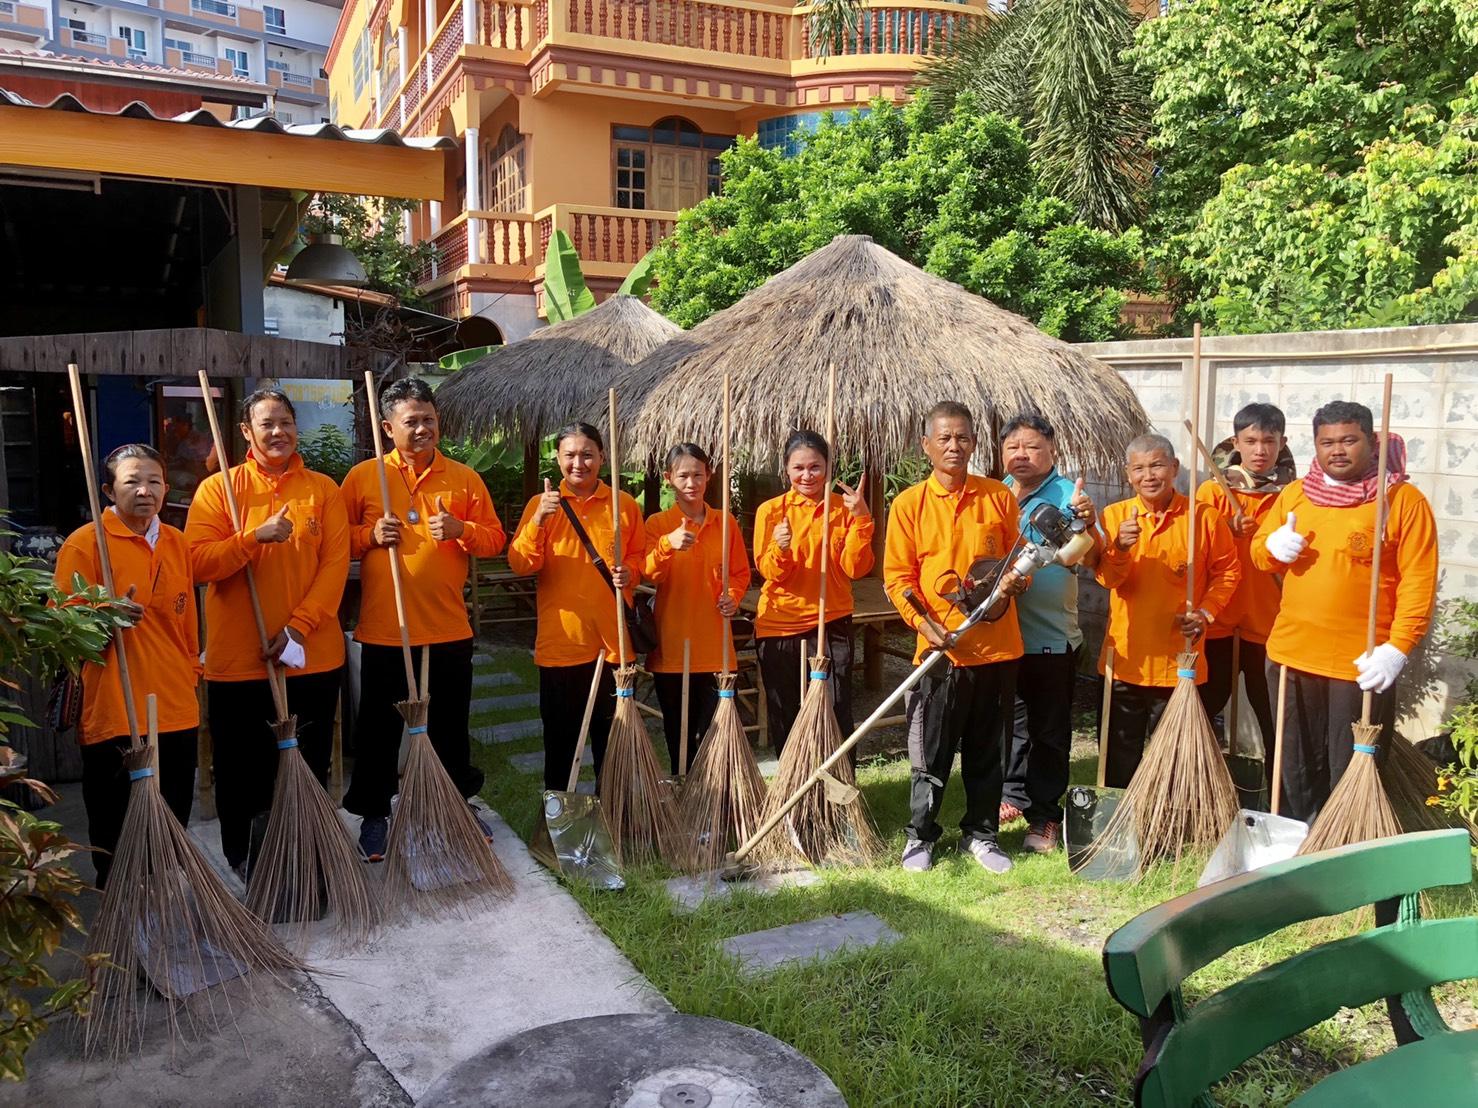 ชุมชนซอยกอไผ่ นำร่องโครงการอนุรักษ์สิ่งแวดล้อมบนท้องถนน ตามนโยบายของเมืองพัทยา